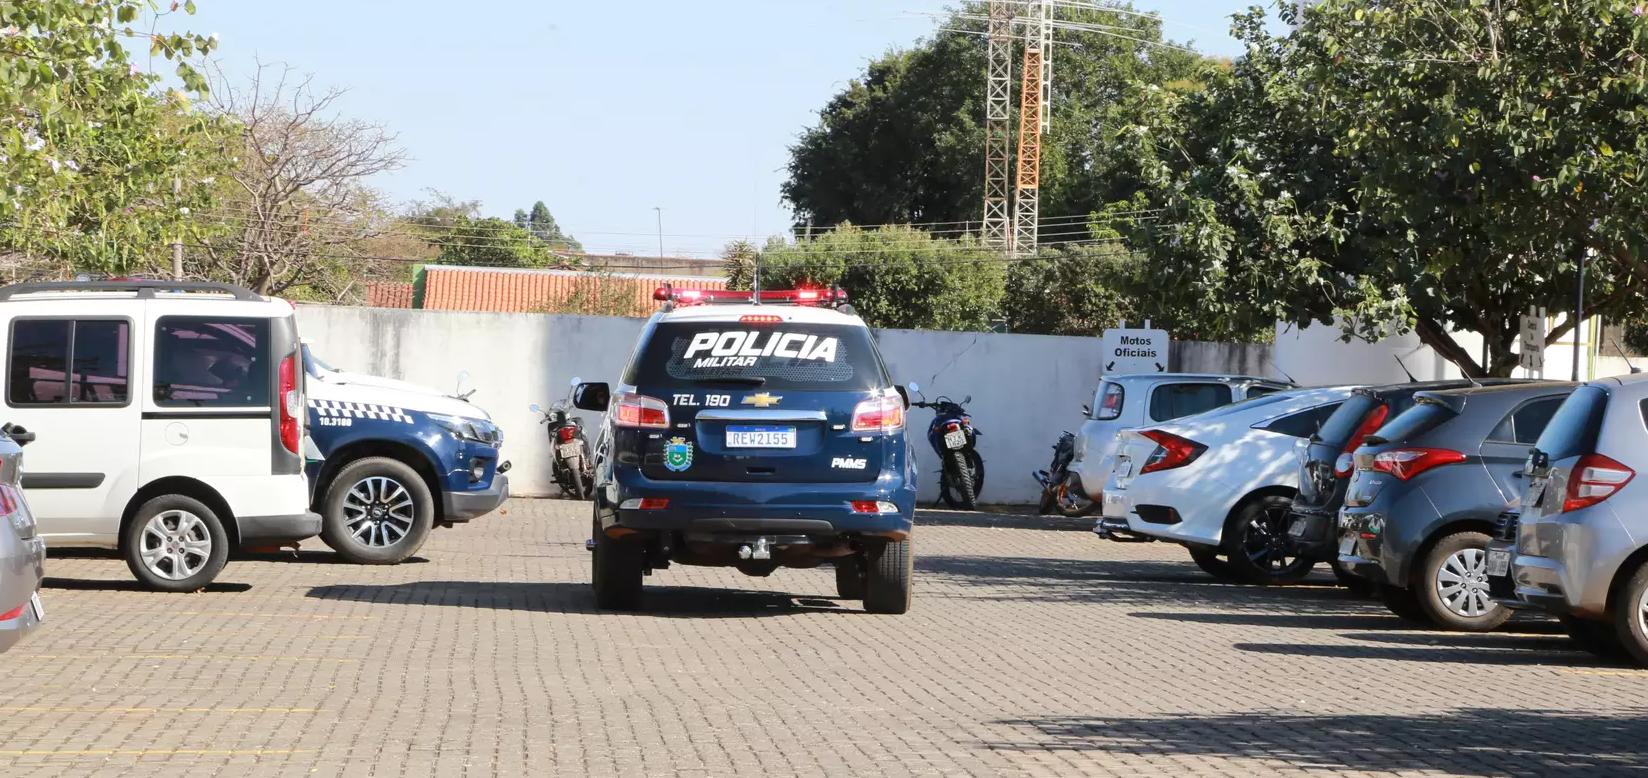 Suspeito foi preso em casa por equipes da Polícia Militar. (Foto: Arquivo/Campo Grande News)